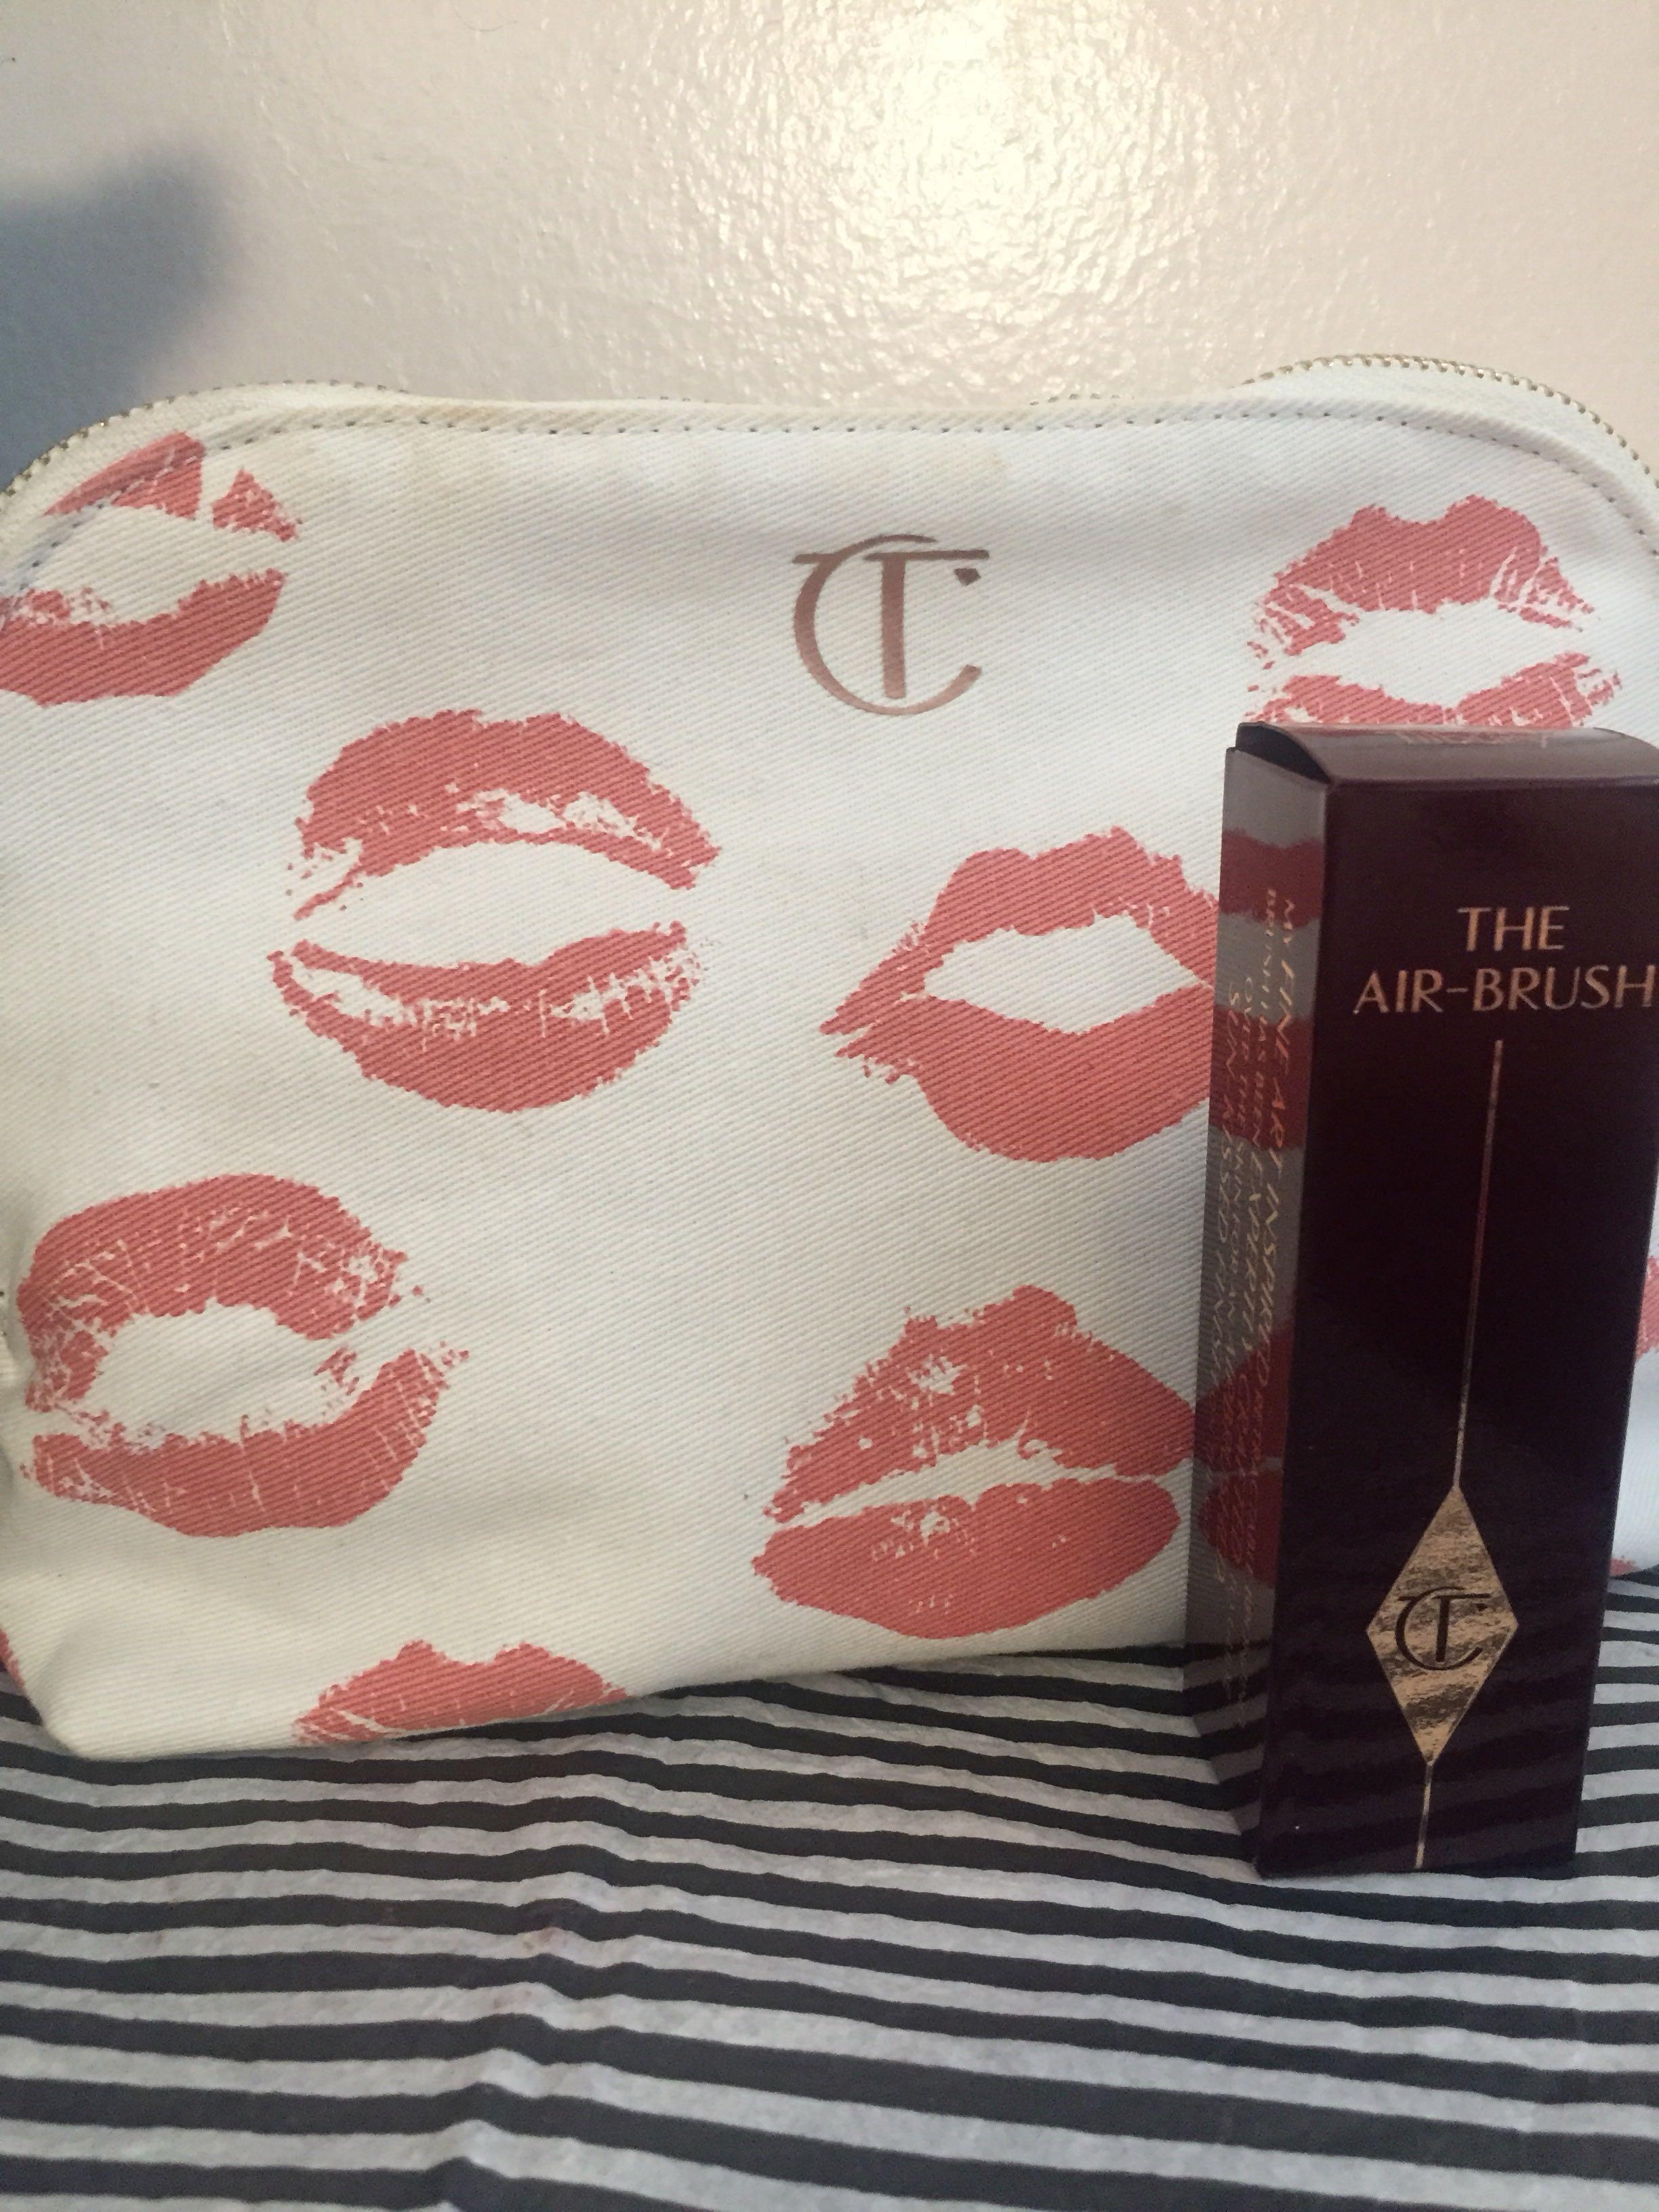 Charlotte Tilbury Makeup Bag and Brush